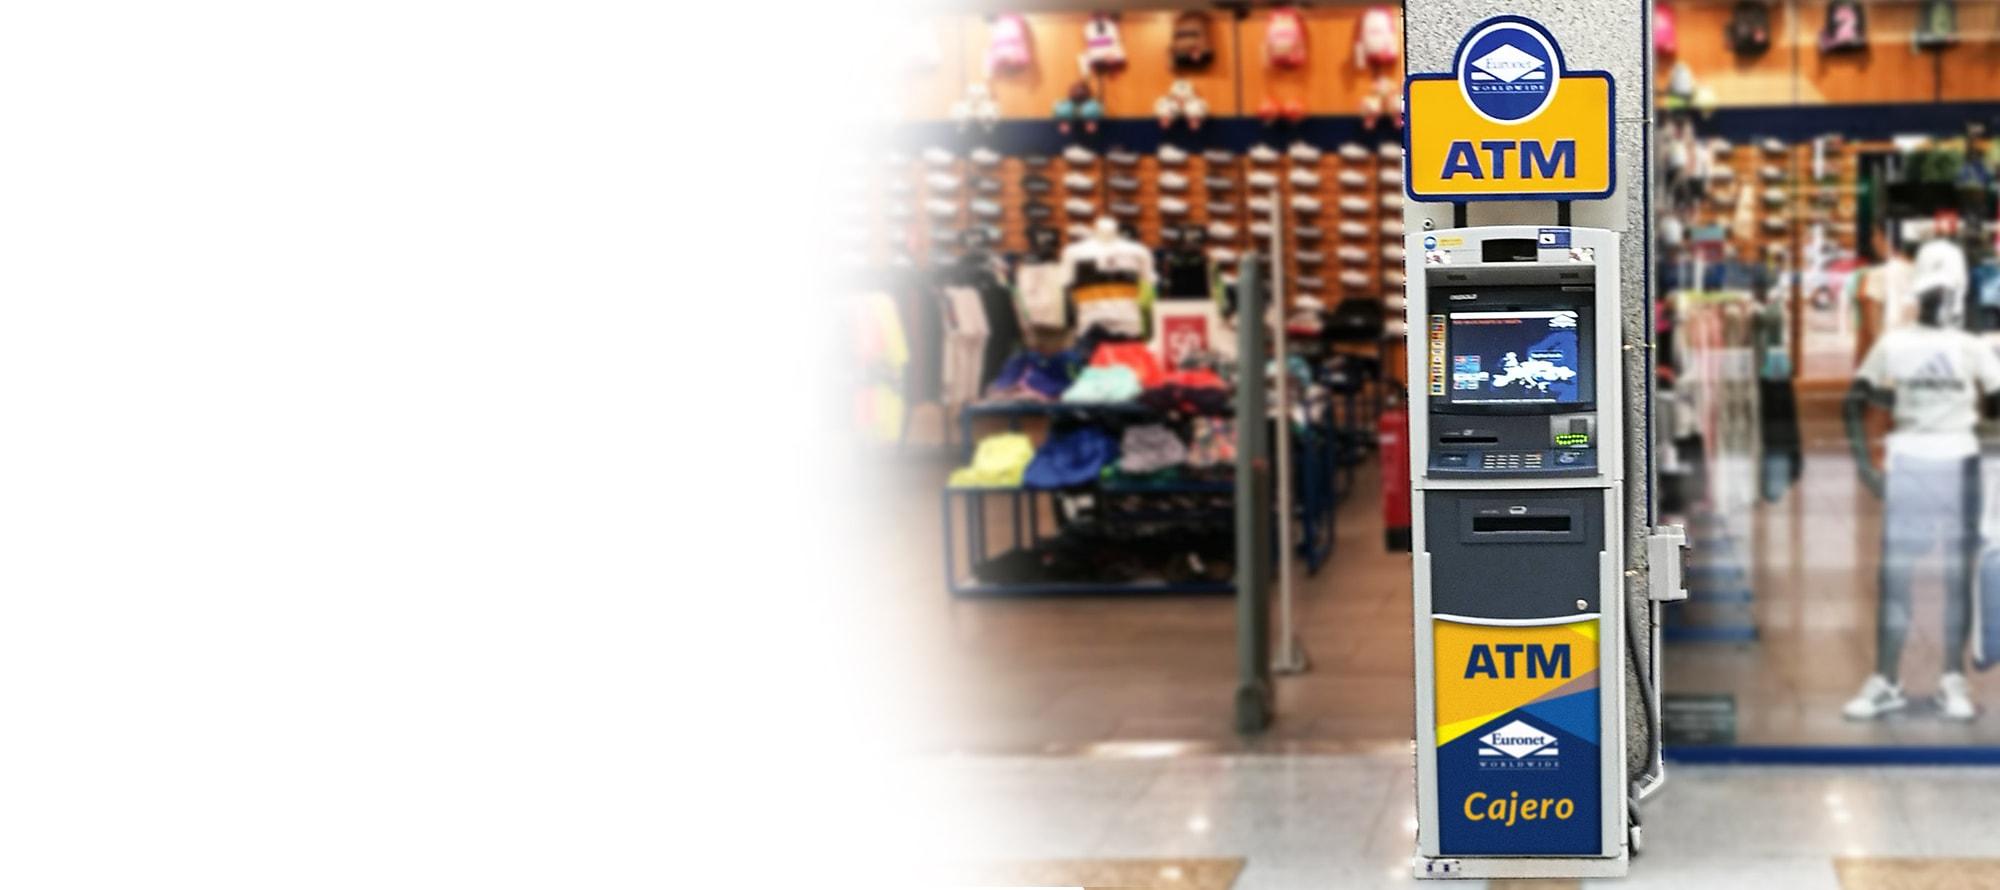 Nos encargaremos de la gestión y el mantenimiento del cajero, garantizando un excelente nivel de servicio a sus clientes.